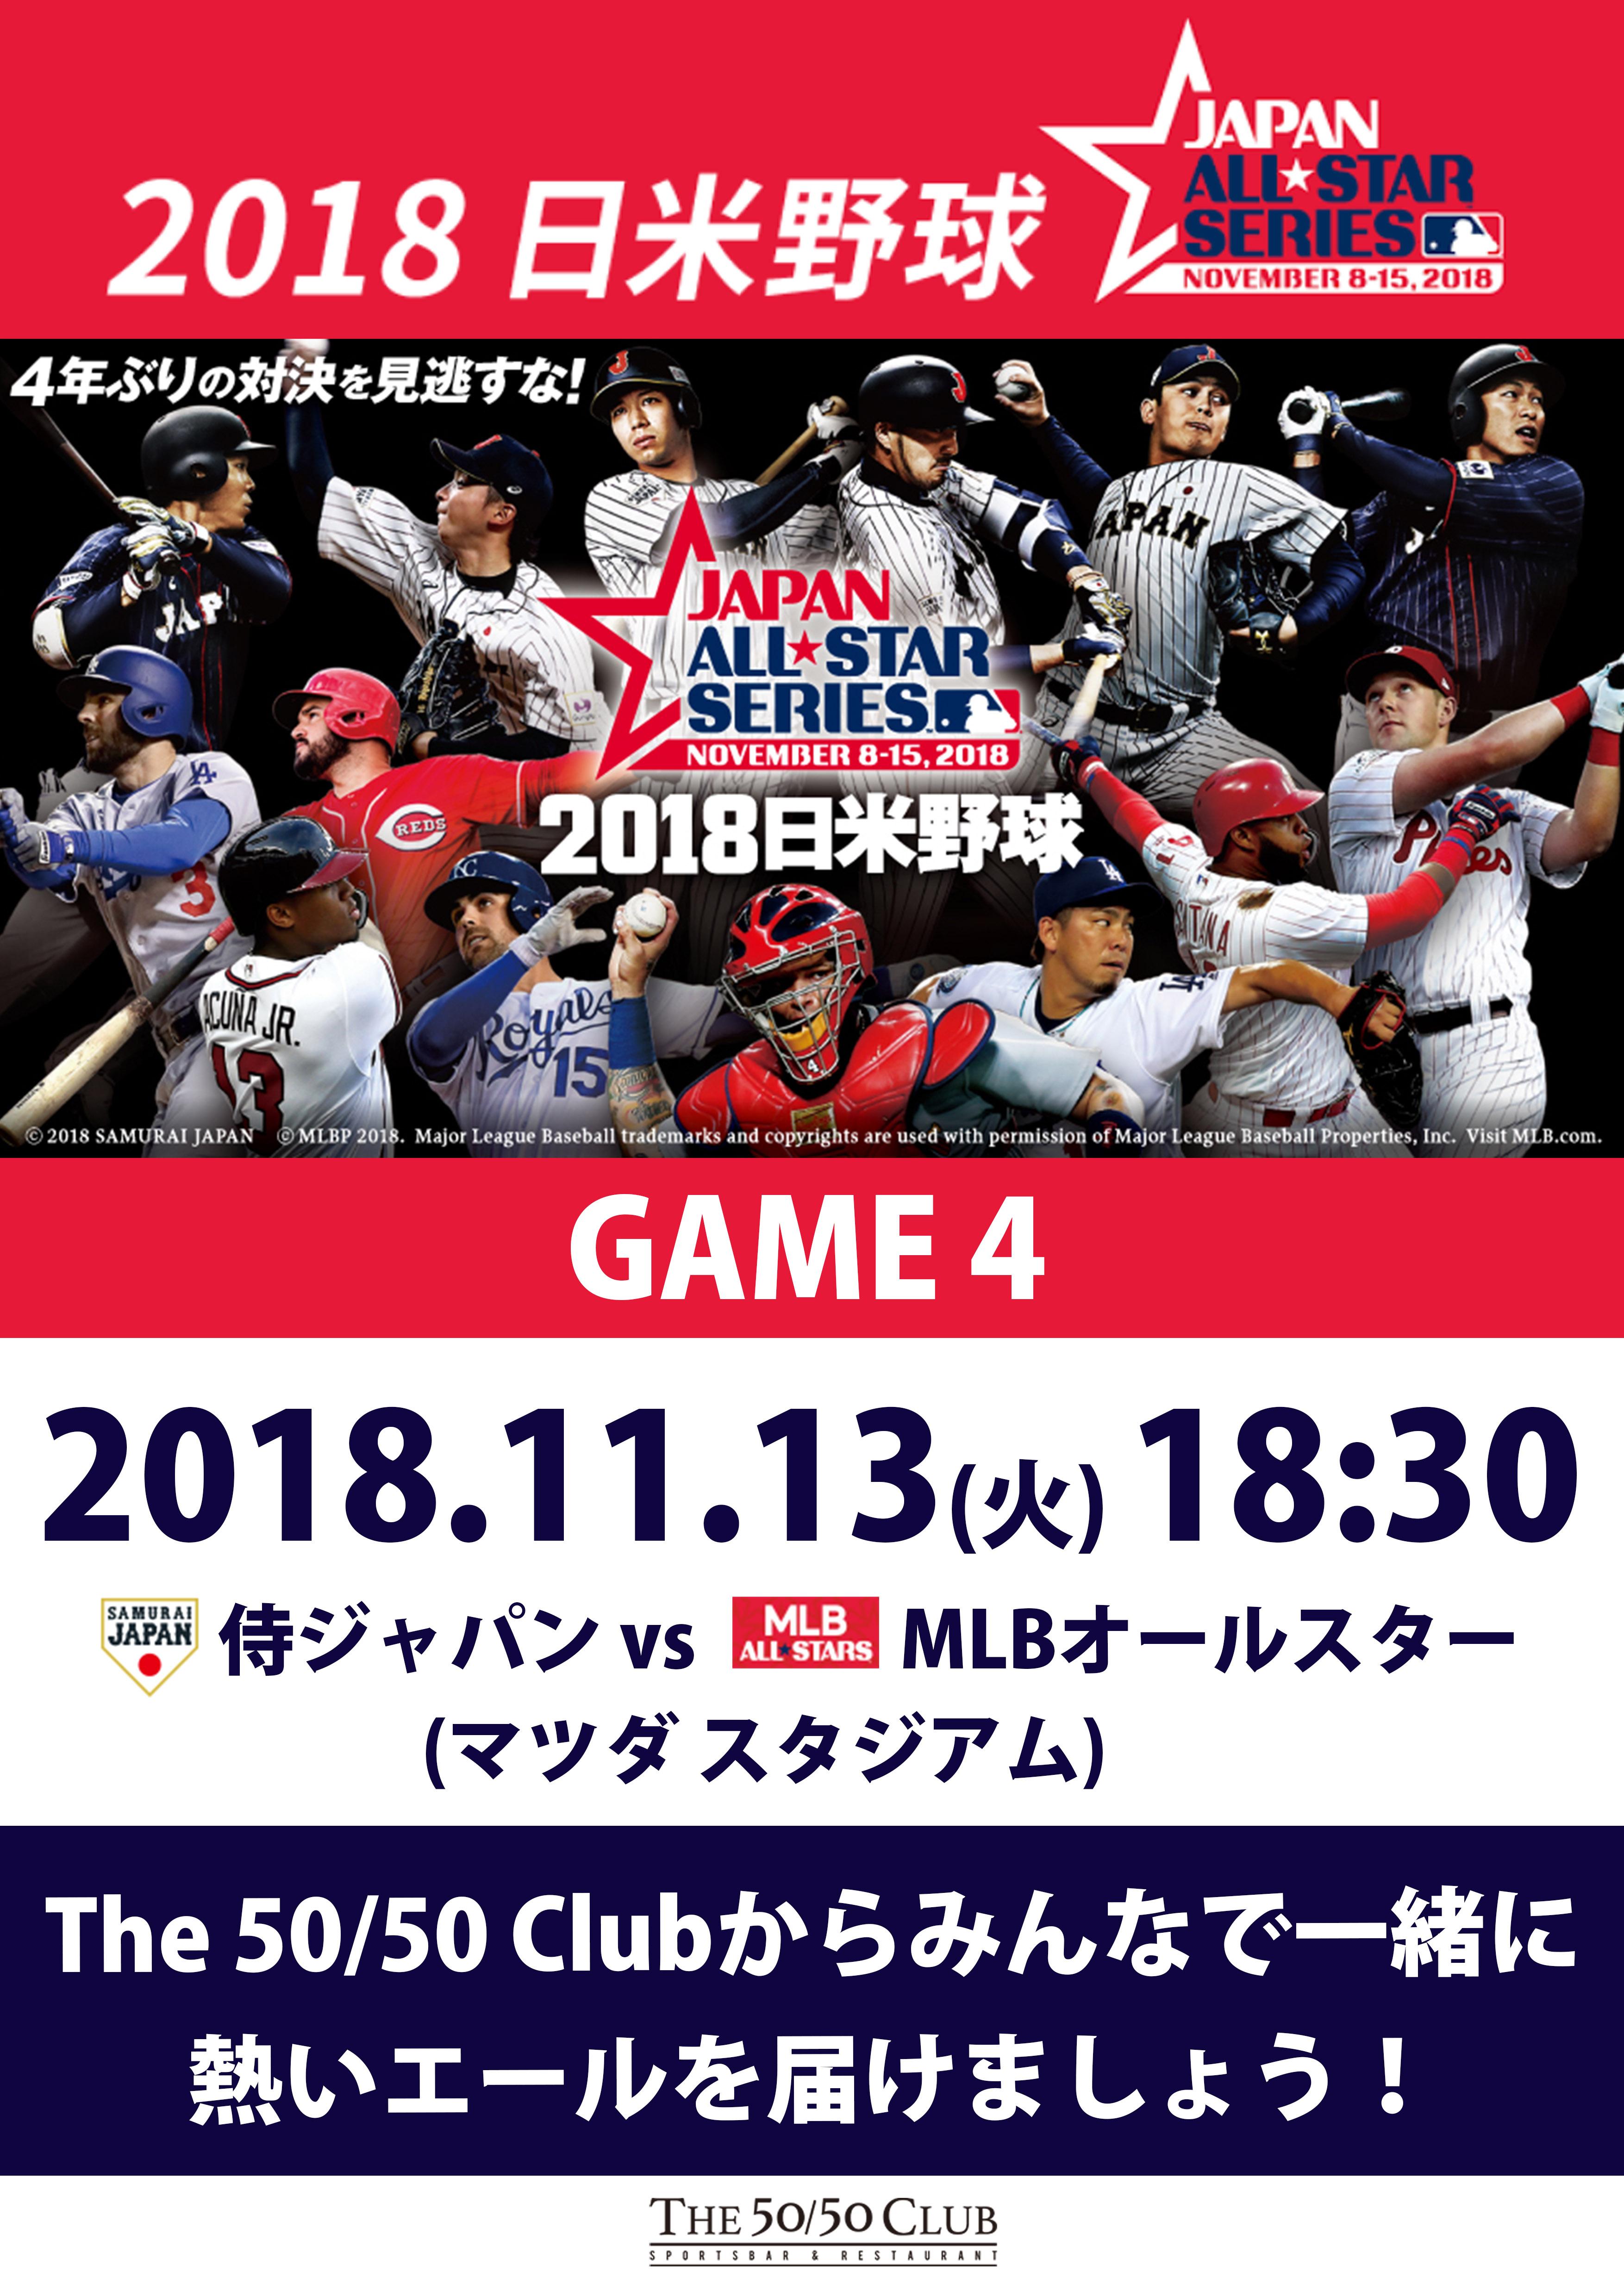 20181113 SAMURAI JAPAN